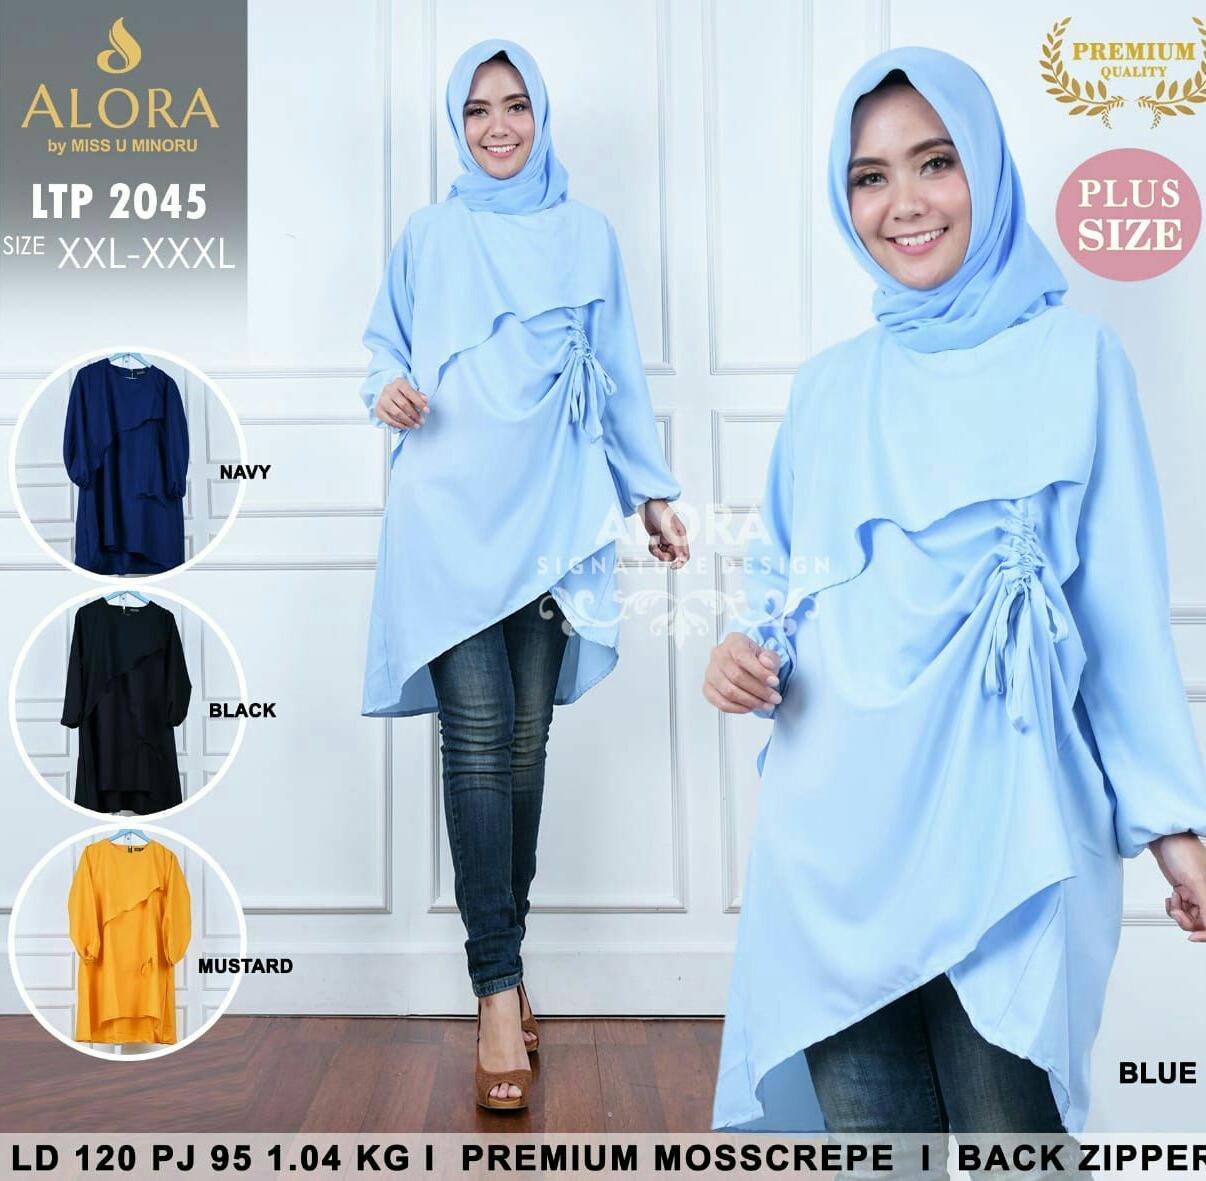 Harga Jual Baju Wanita Dress Batik Tunik Genes Serut D 128700 Jo Lakesha Dusty Khanza Muslimah